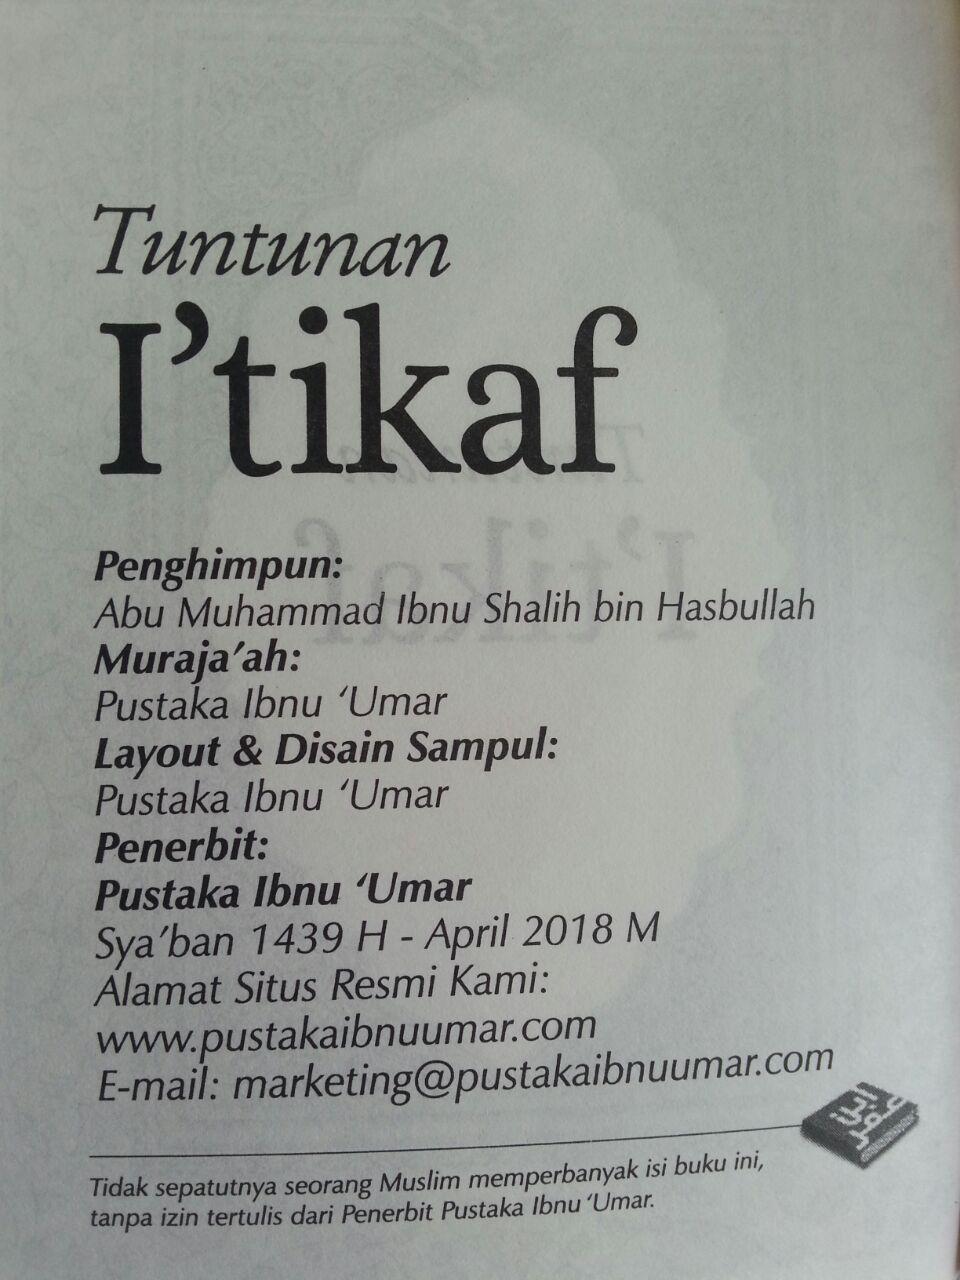 Buku Tuntunan I'tikaf Berdasarkan Al-Qur'an Dan As-Sunnah isi